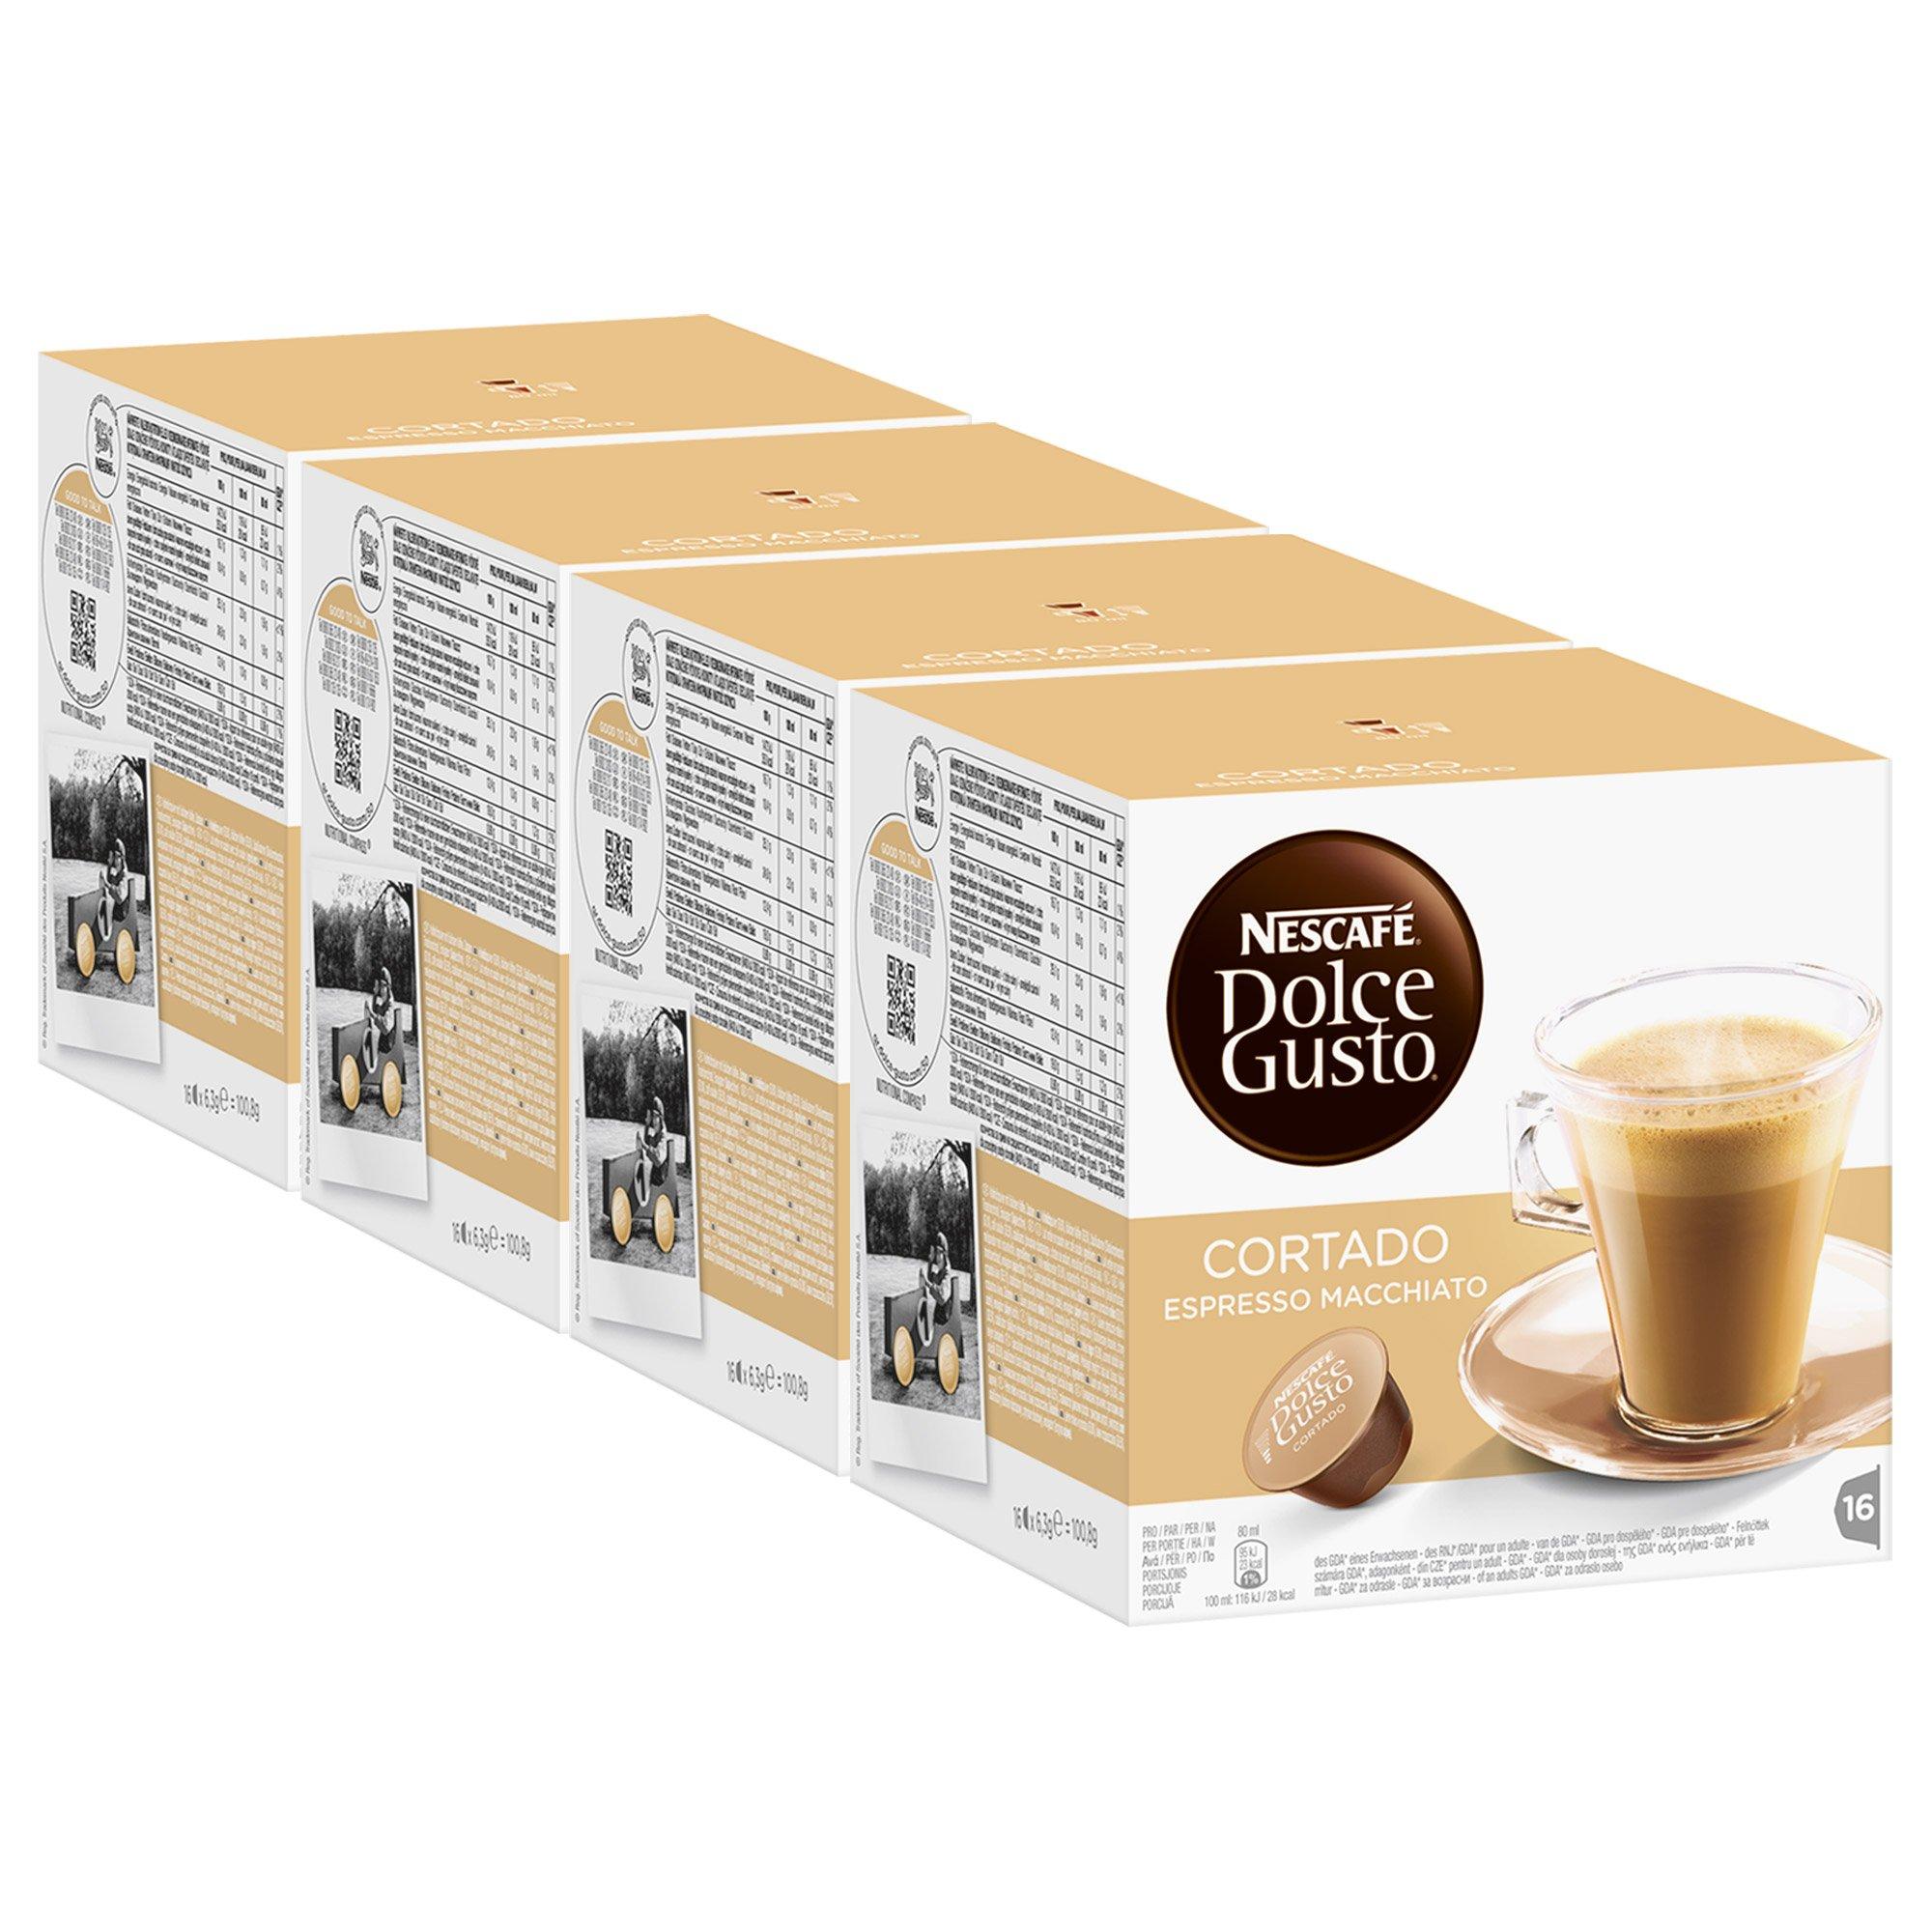 Nescafé Dolce Gusto Cortado Espresso Macchiato, Pack of 4, 4 x 16 Capsules